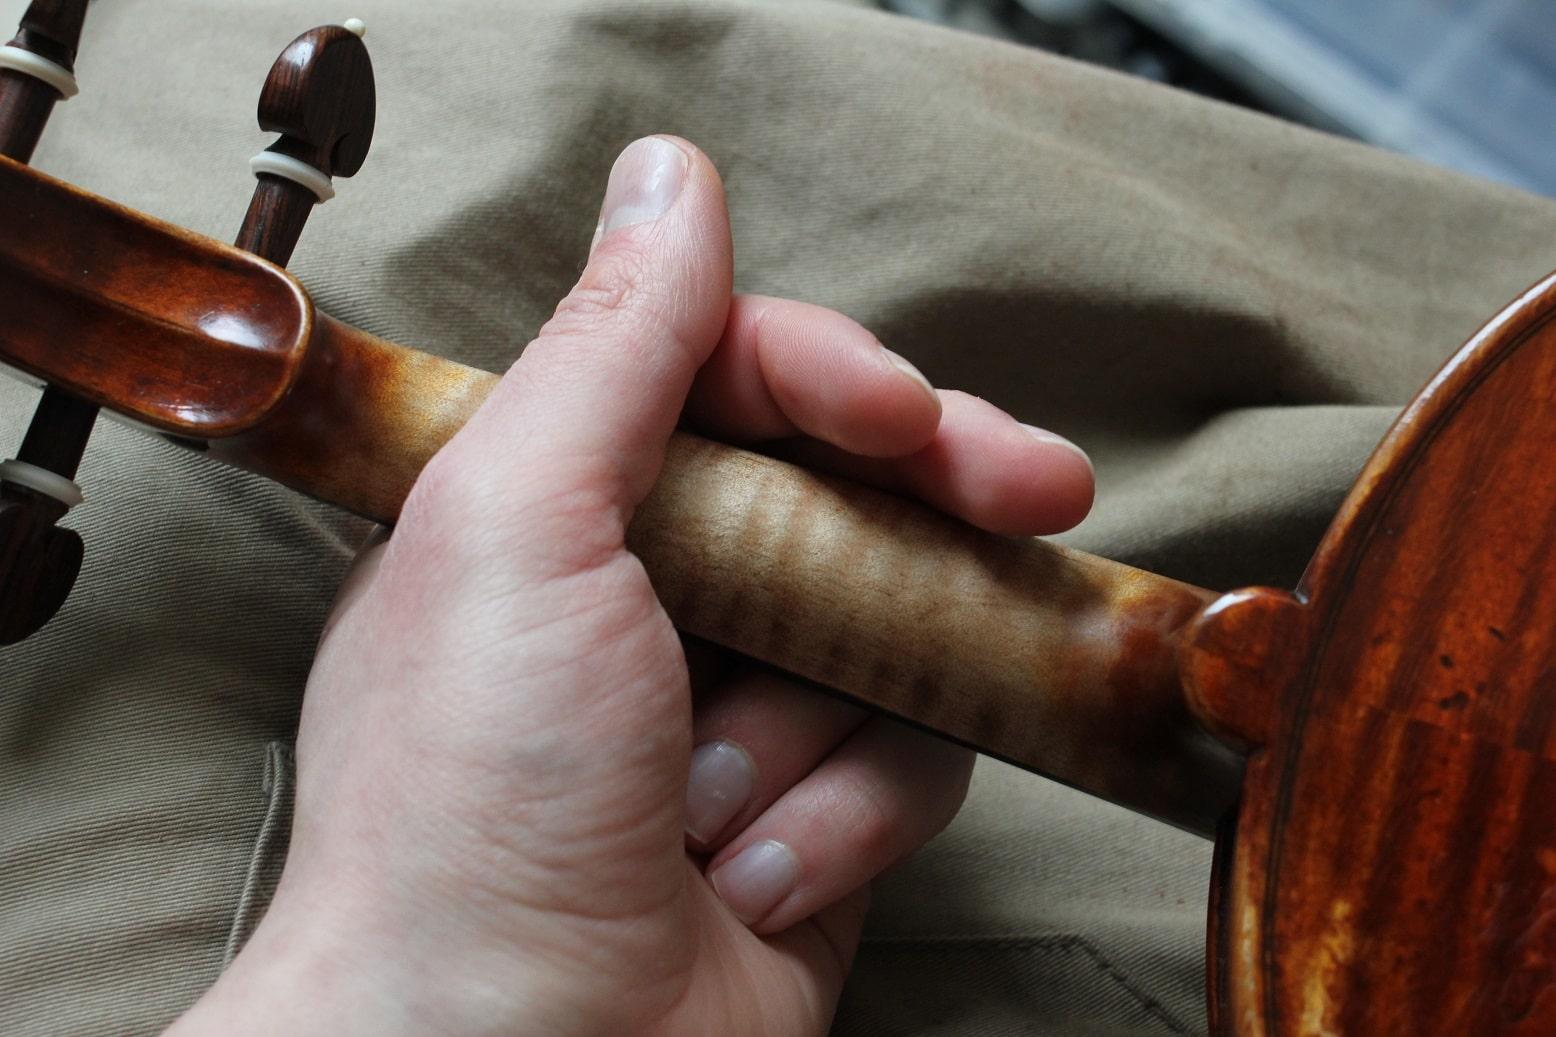 Comment bien tenir son violon ?